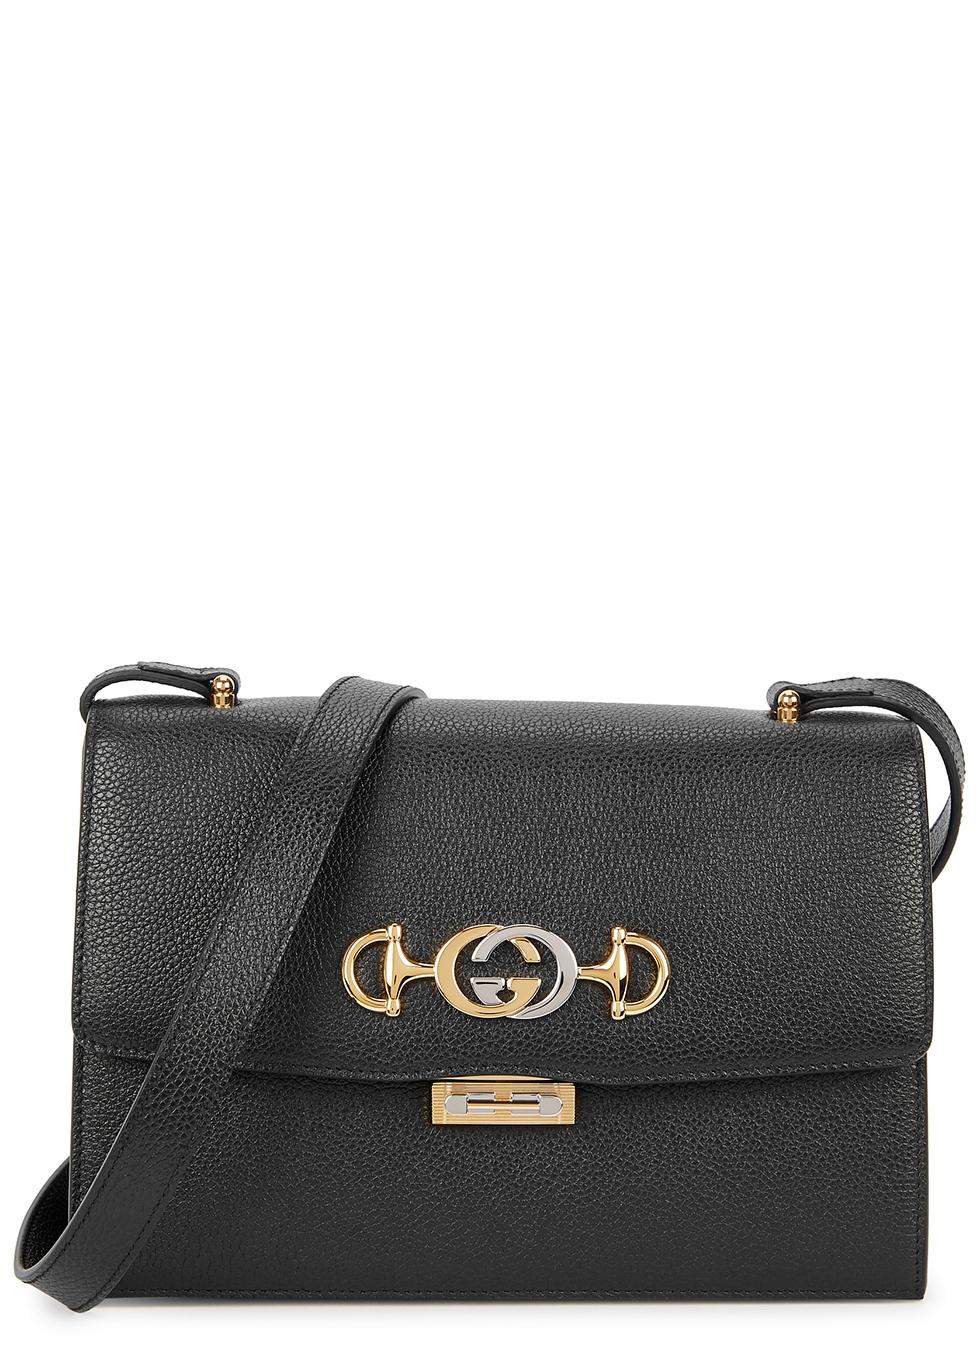 7d444e8b8 Gucci Handbags - Harvey Nichols